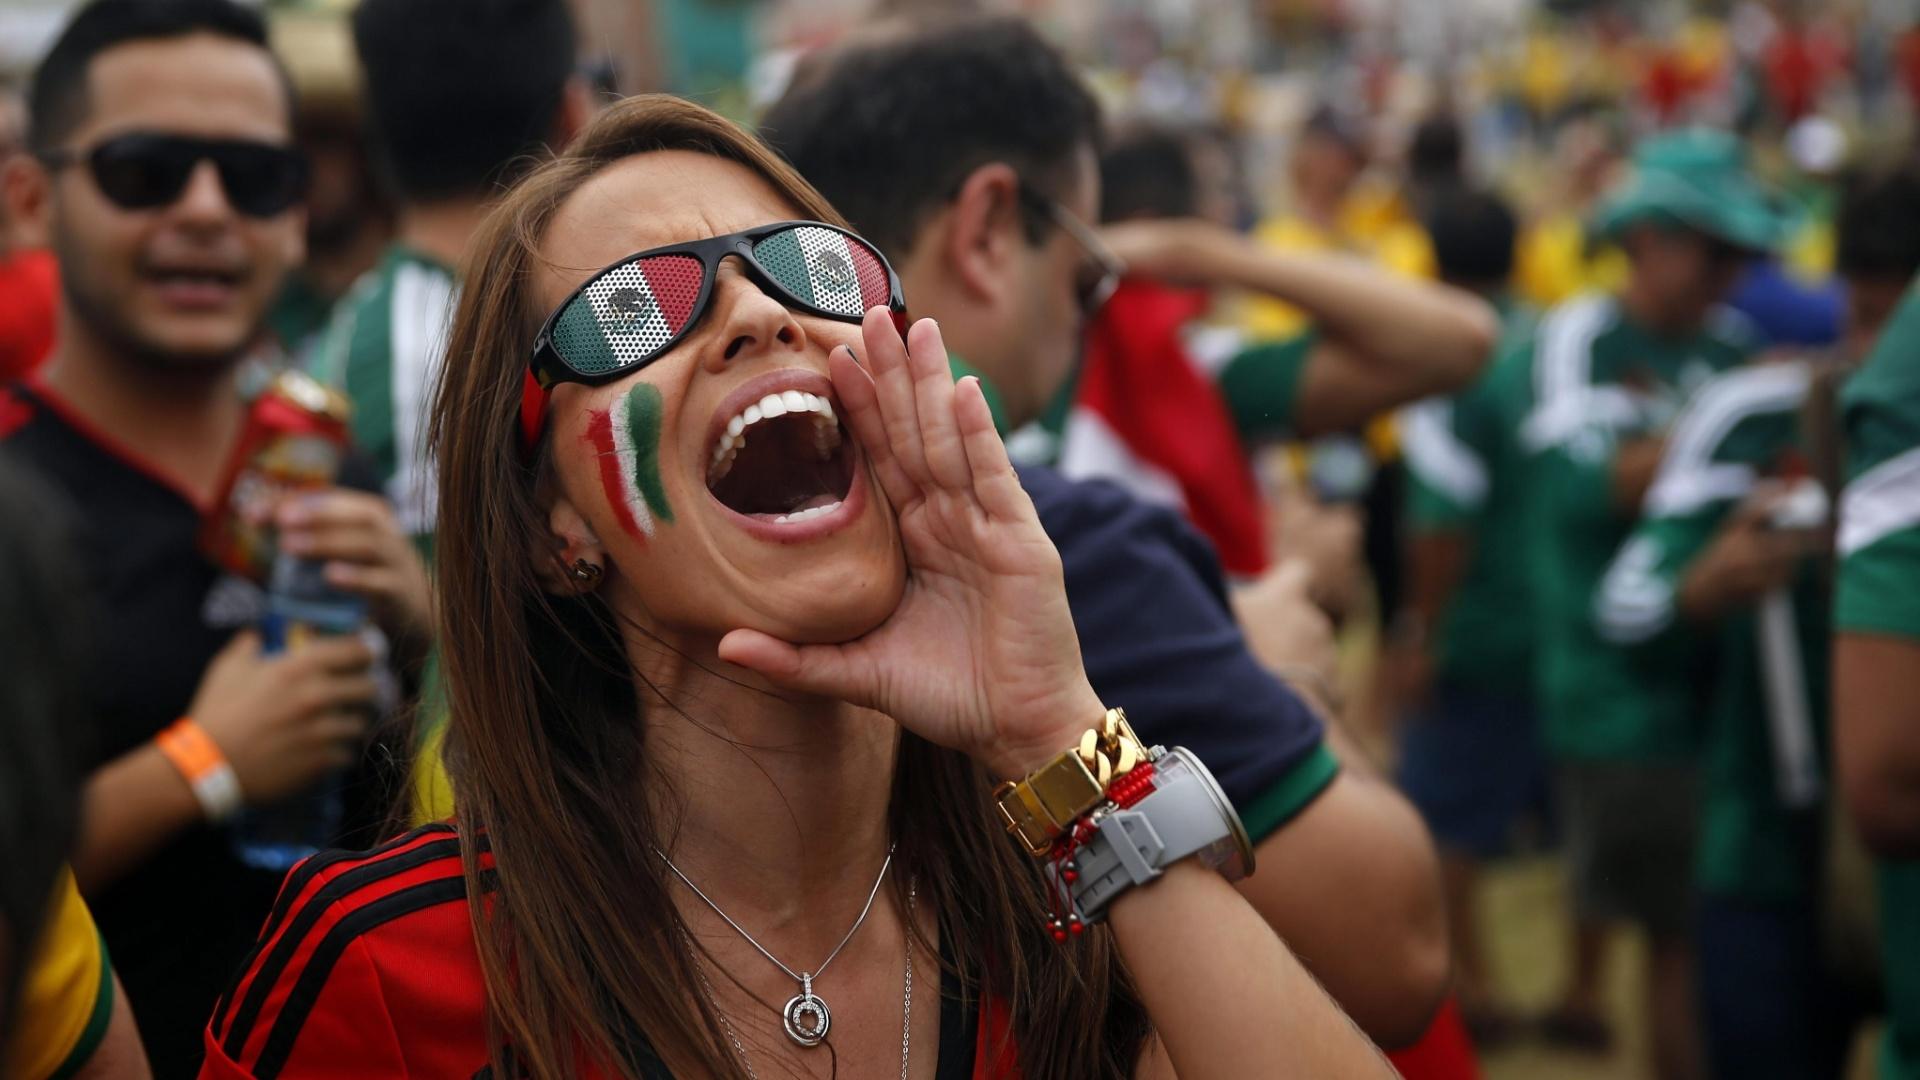 Torcida mexicana mostrou empolgação na chegada ao Castelão para o jogo contra o Brasil